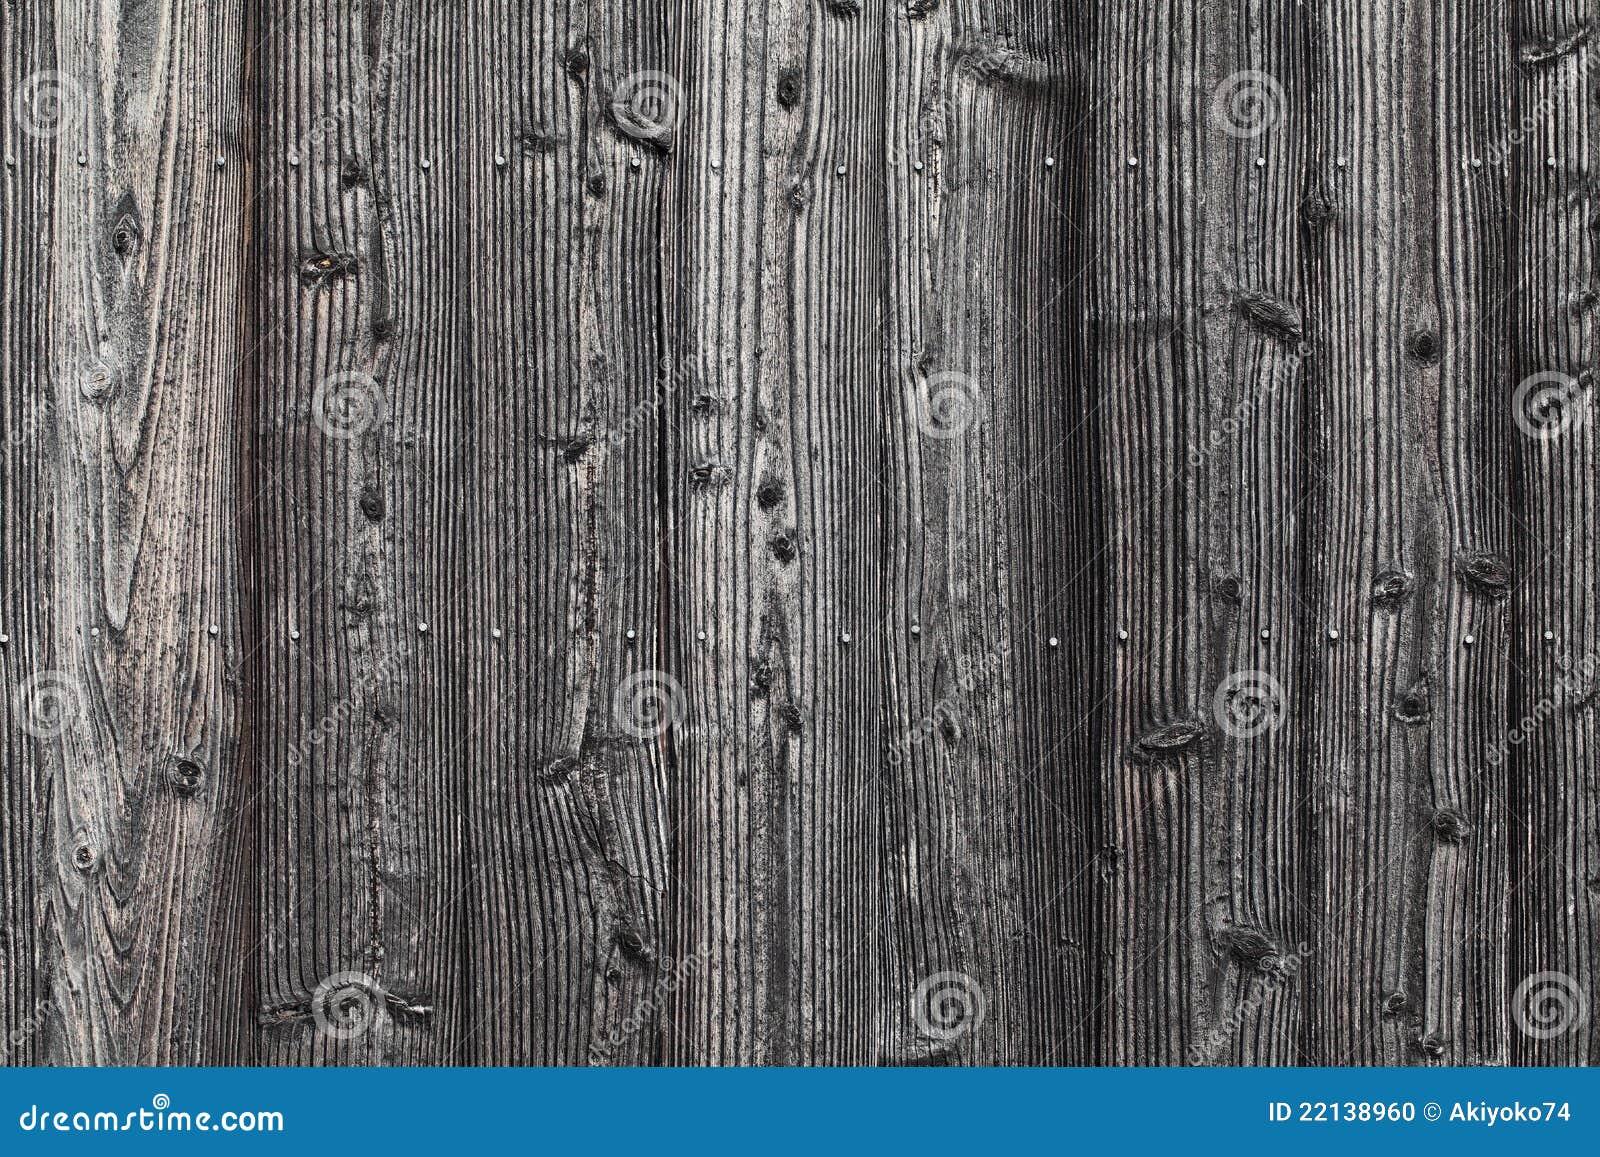 Vieilles planches en bois photo stock image 22138960 for Vieille planche de bois